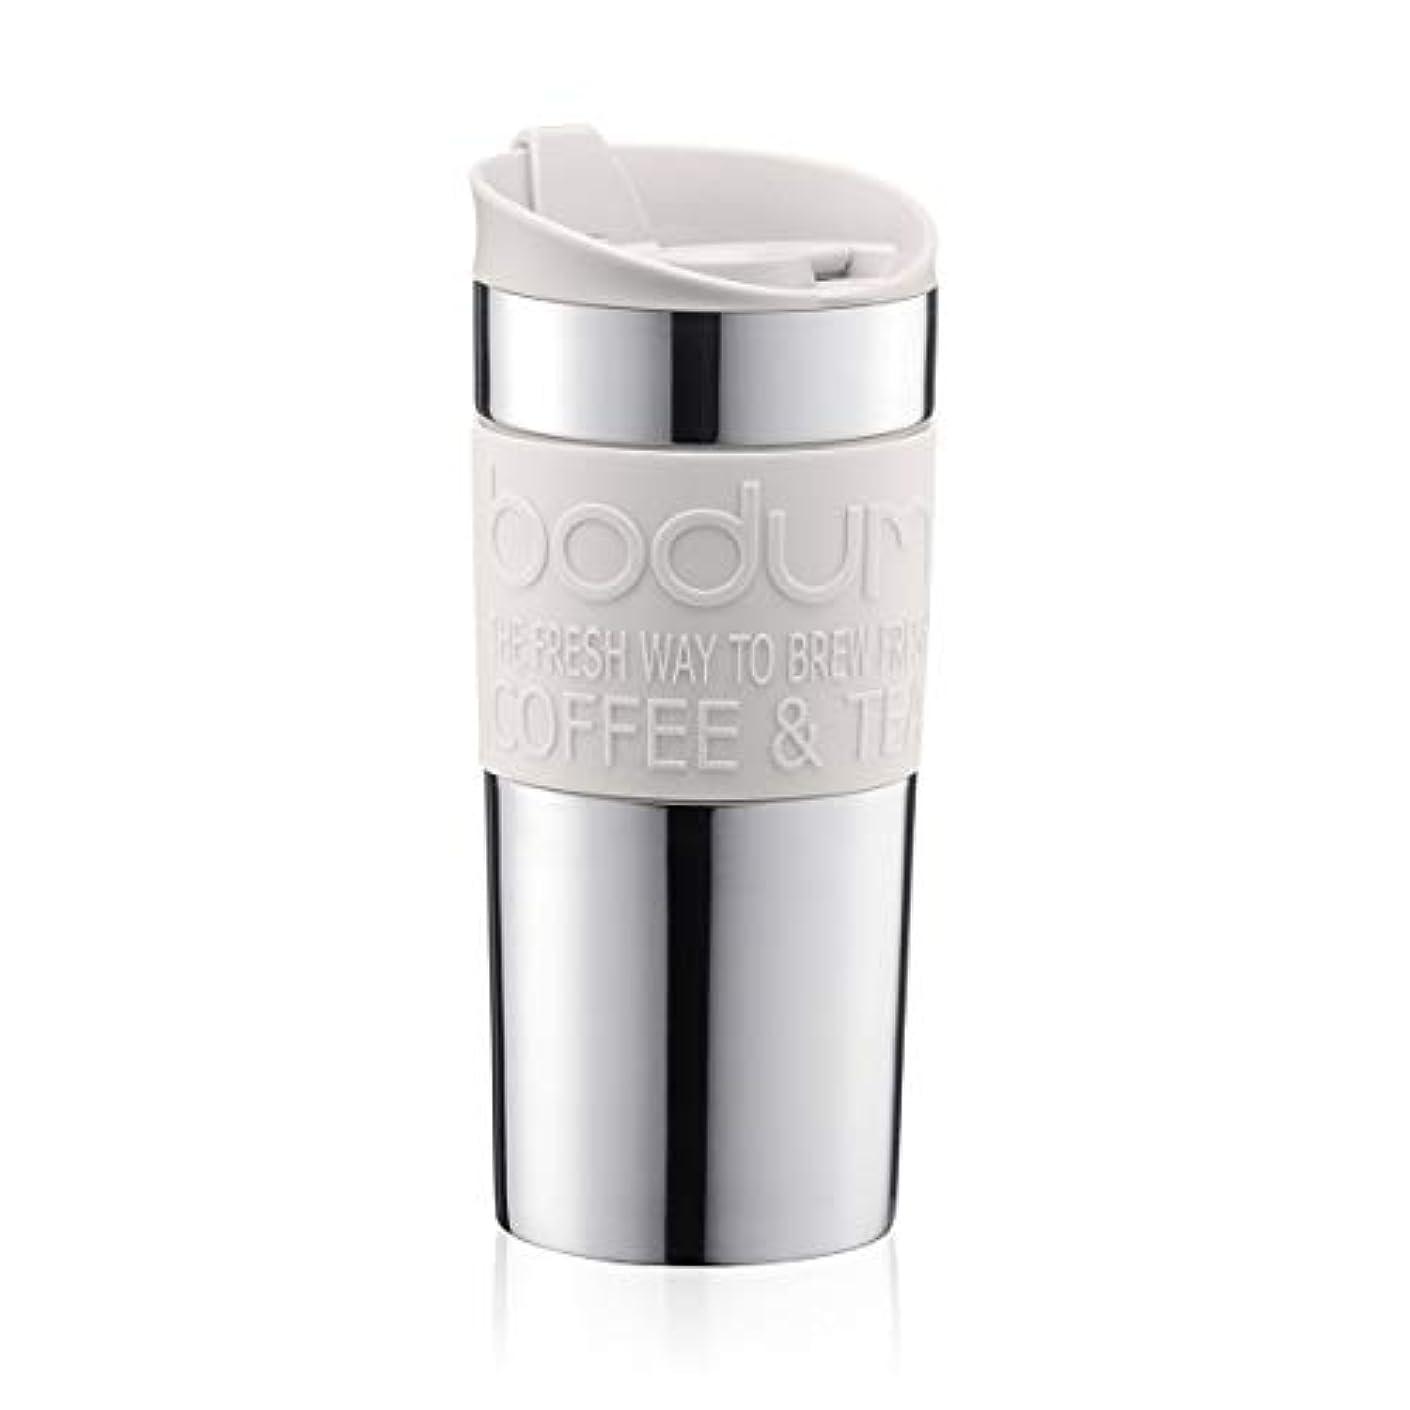 教育者ソロ誓い【正規品】BODUM ボダム ステンレス製携帯フレンチプレスコーヒーメーカー ホワイト 0.35L TRAVEL MUG トラベルマグ 11068-913